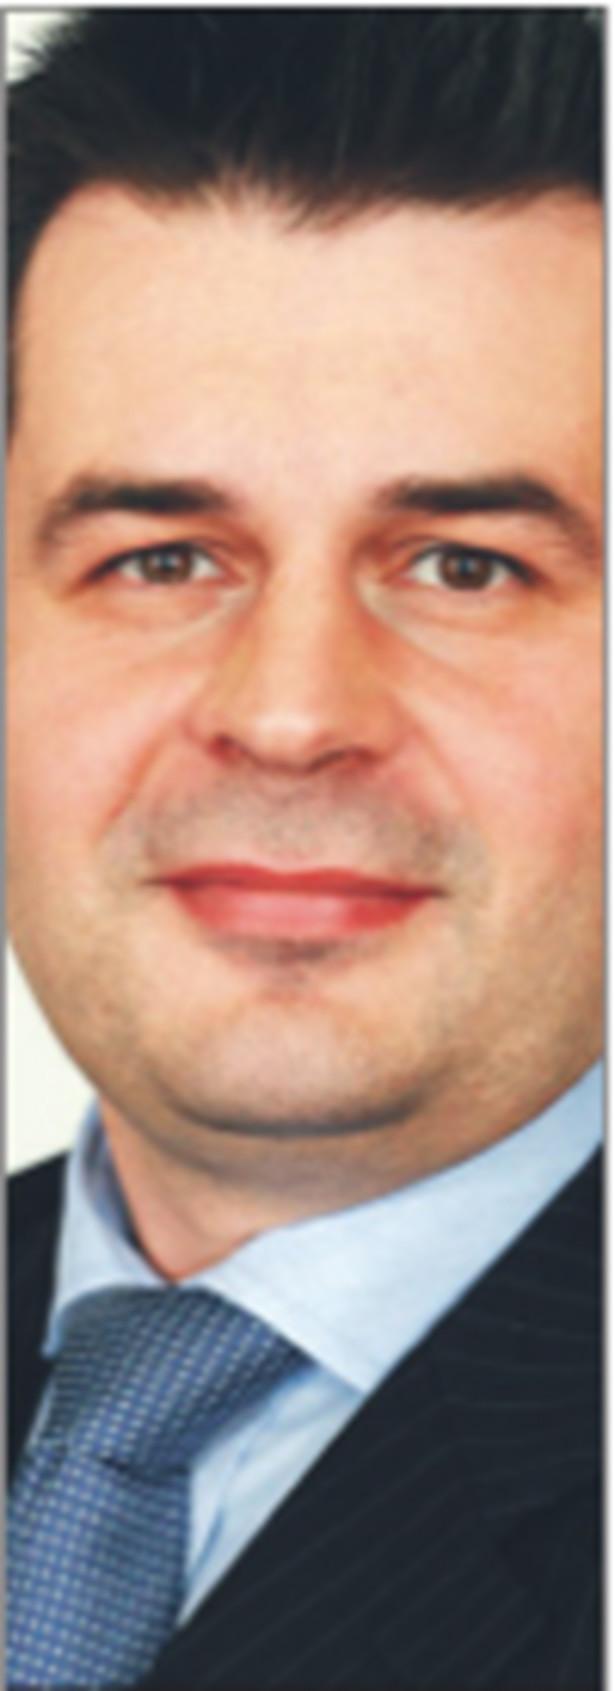 Jarosław Brzozowski, wicedyrektor w zespole restrukturyzacji w firmie doradczej KPMG